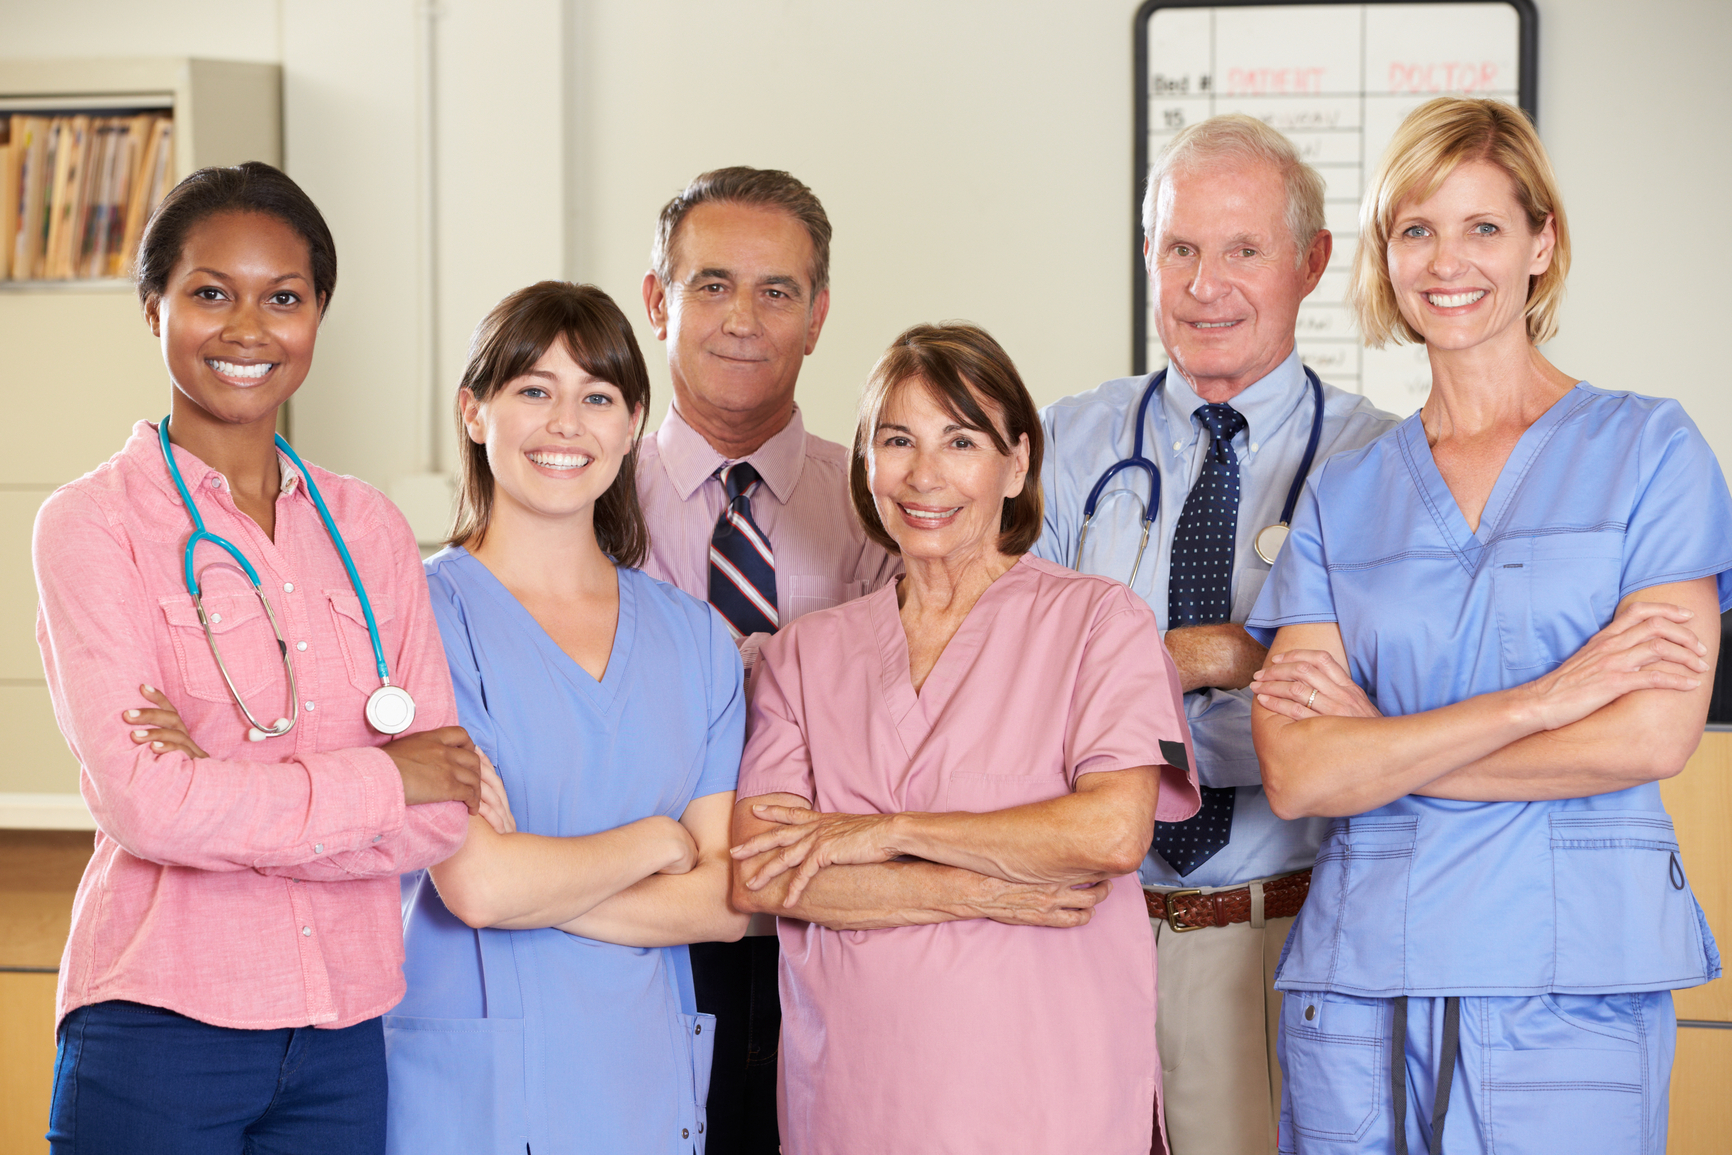 medical resumes